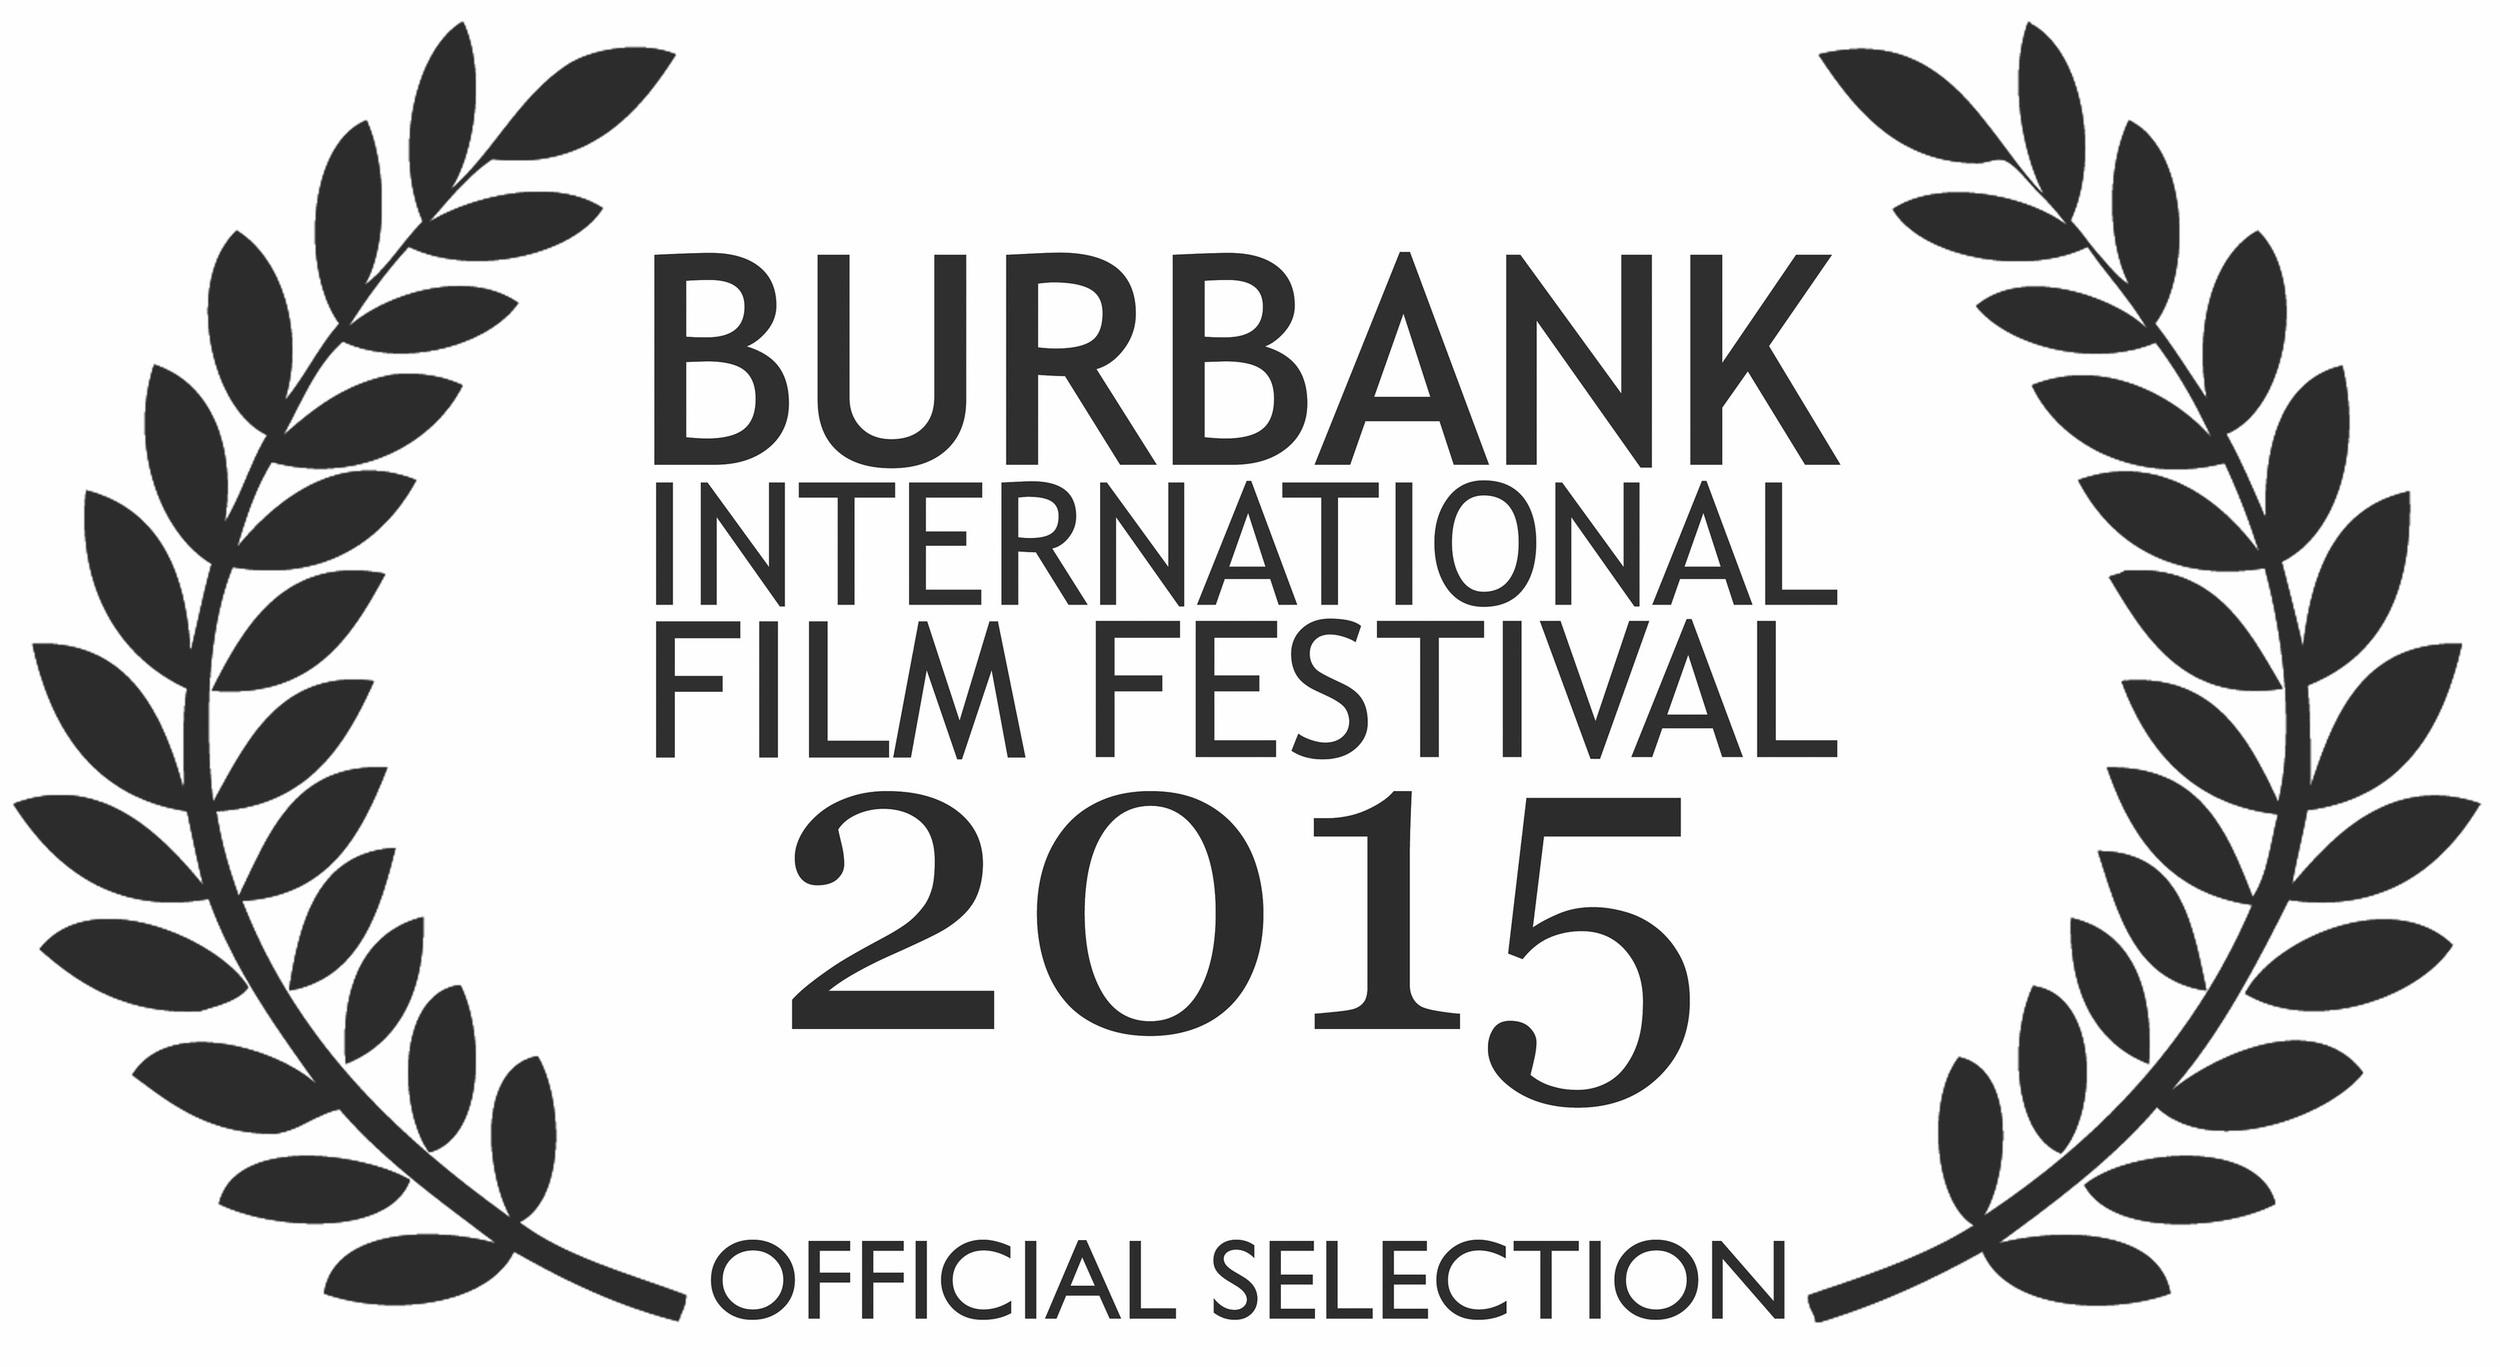 burbankfilmfestival